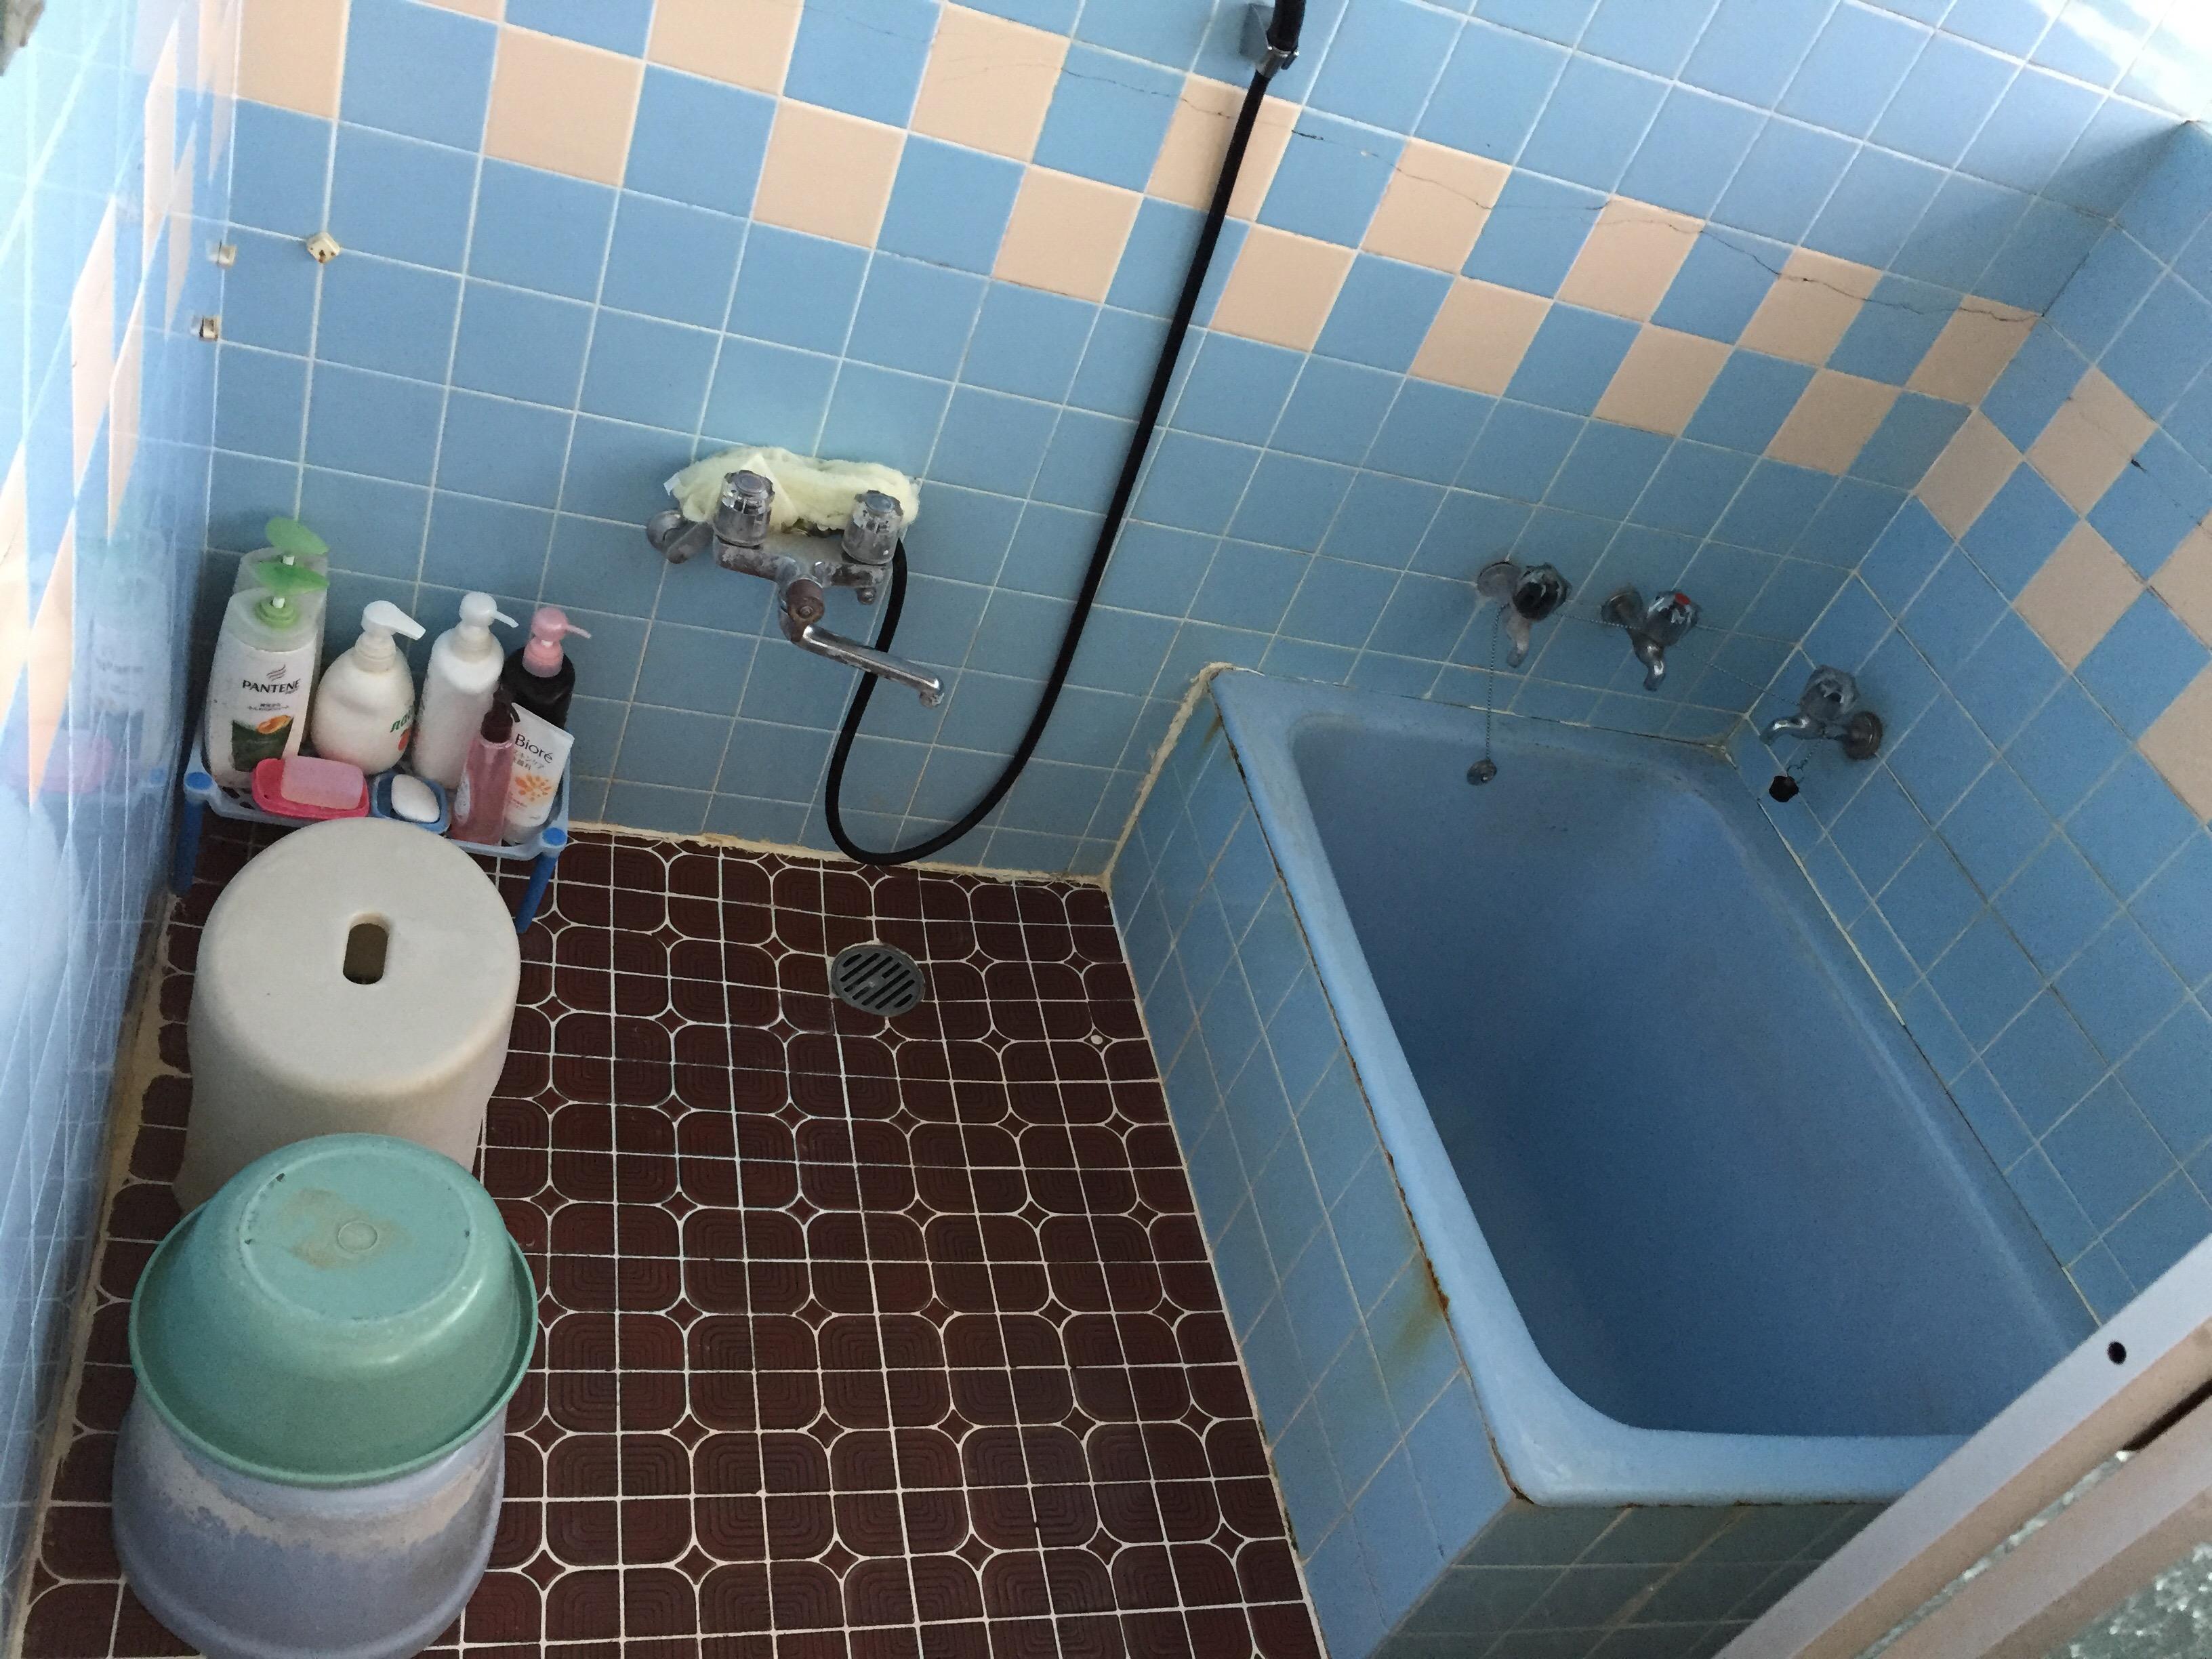 西条市 タイル貼り浴室からユニットバスへリフォーム 施工前